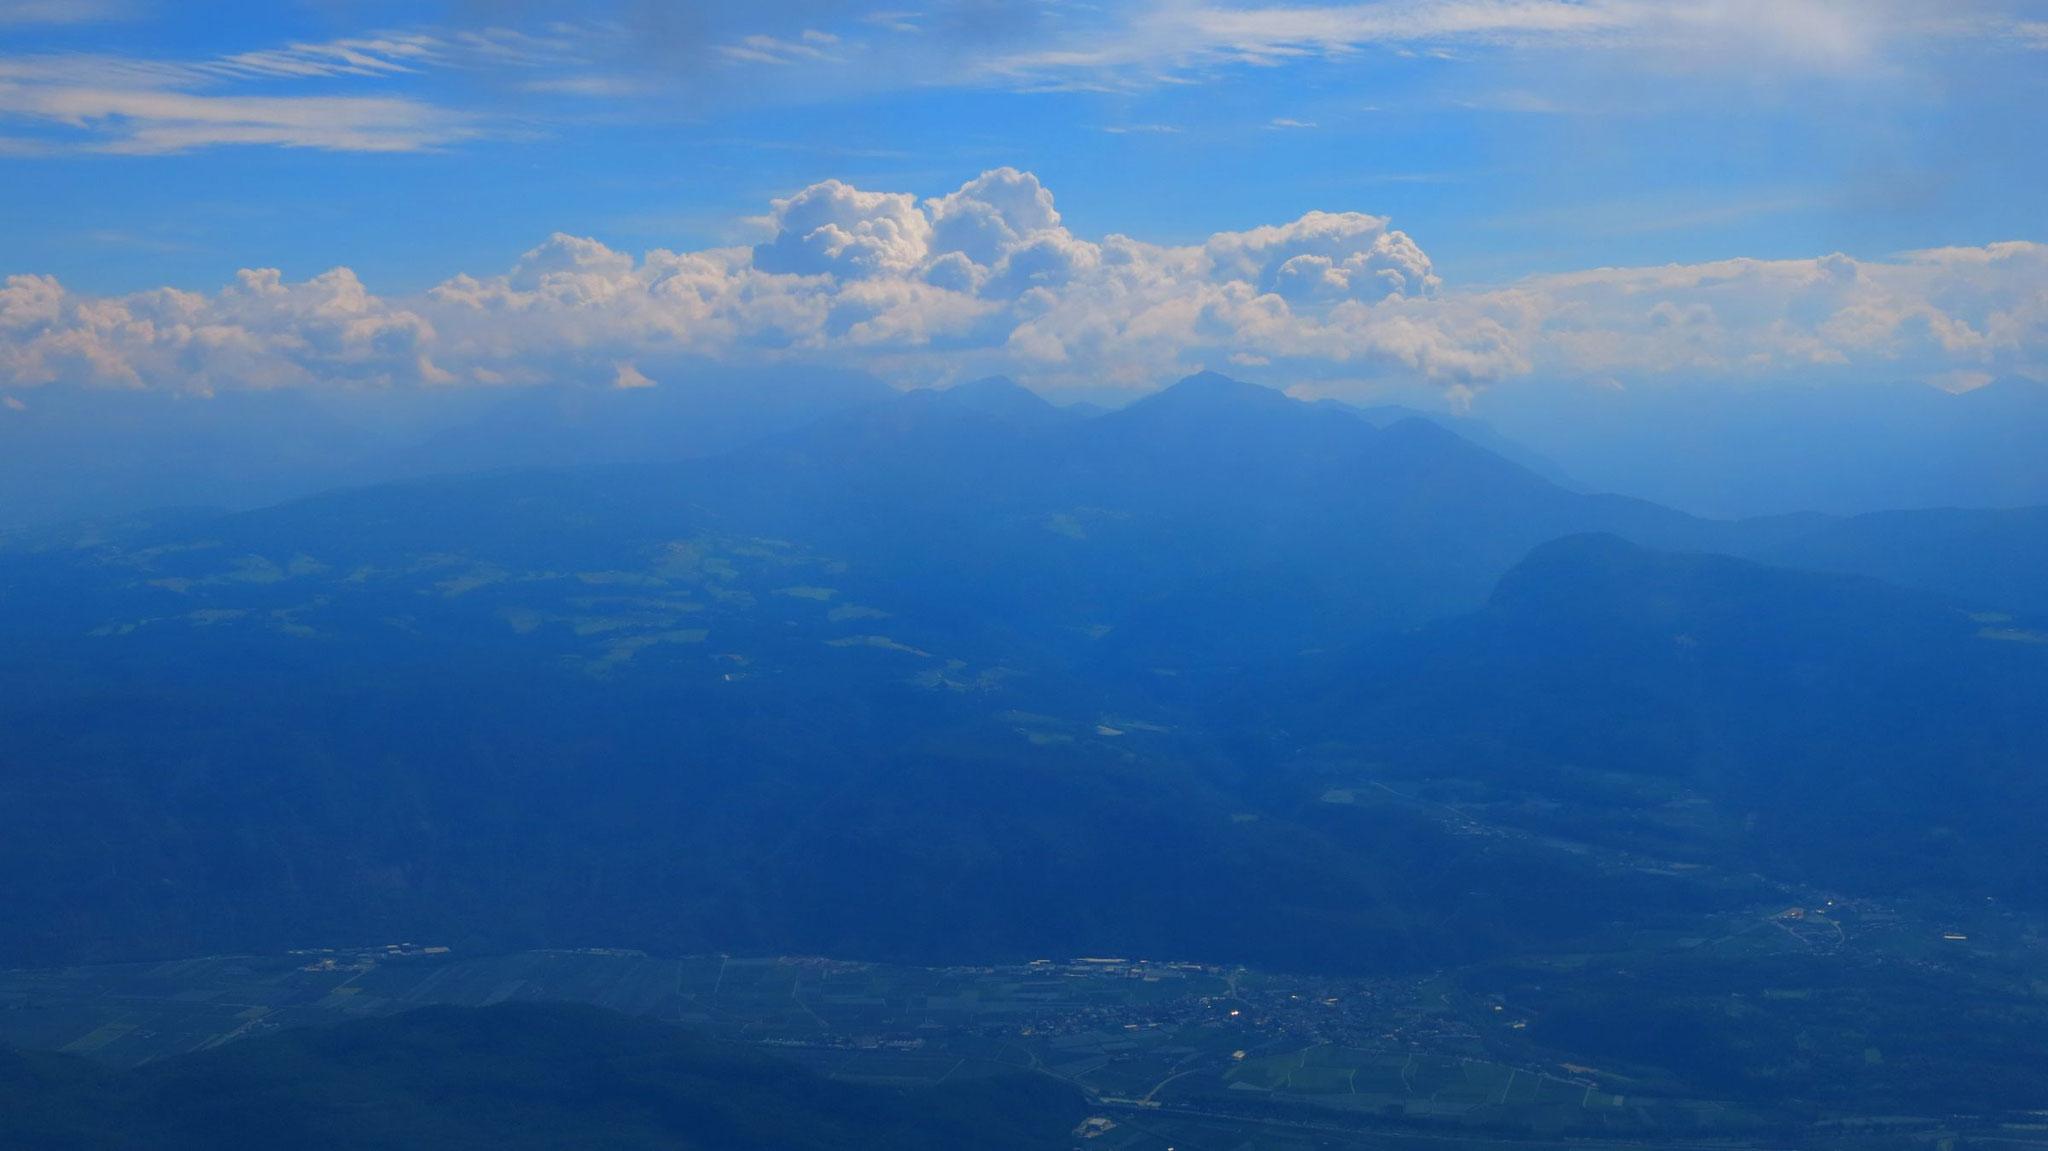 Etschtal, dahinter Weiß- und Schwarzhorn, Rosengartengruppe links in Wolken